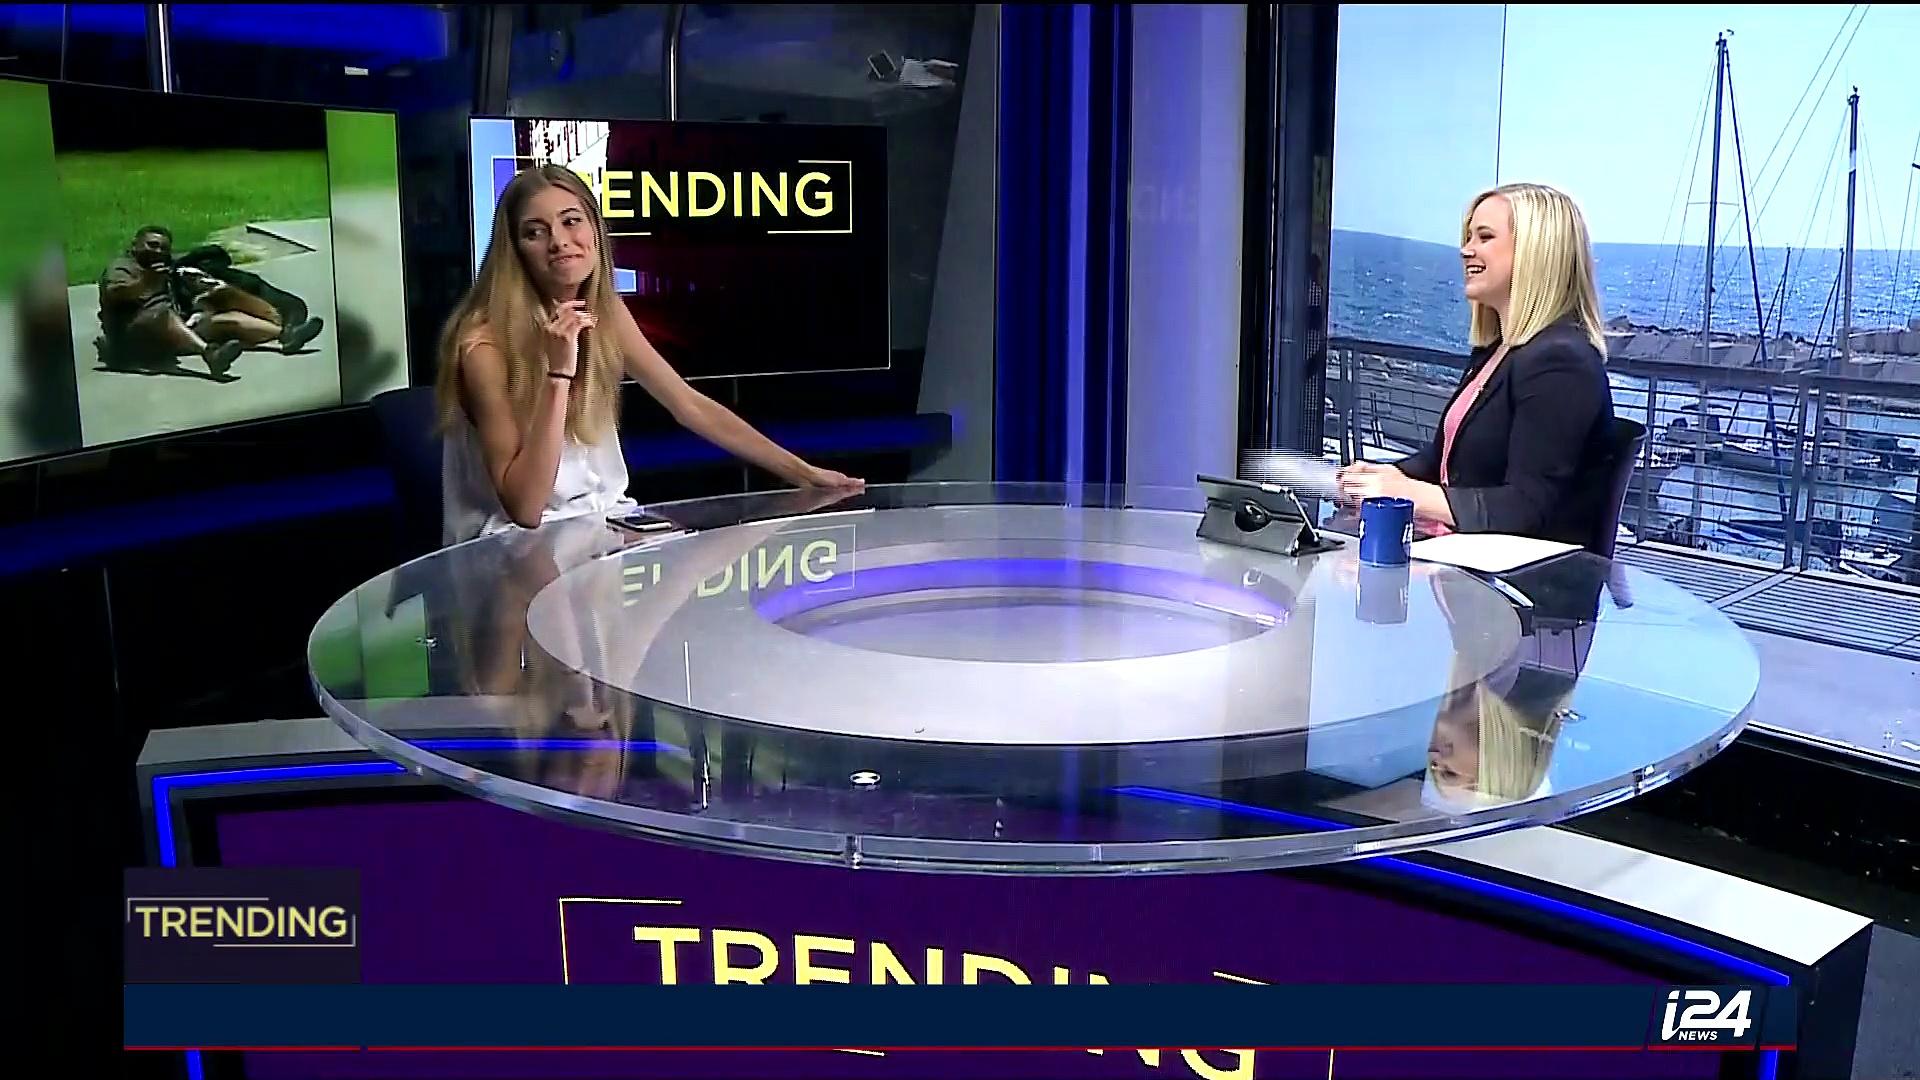 TRENDING | Going viral: what's trending on the web | Thursday, June 15th 2017